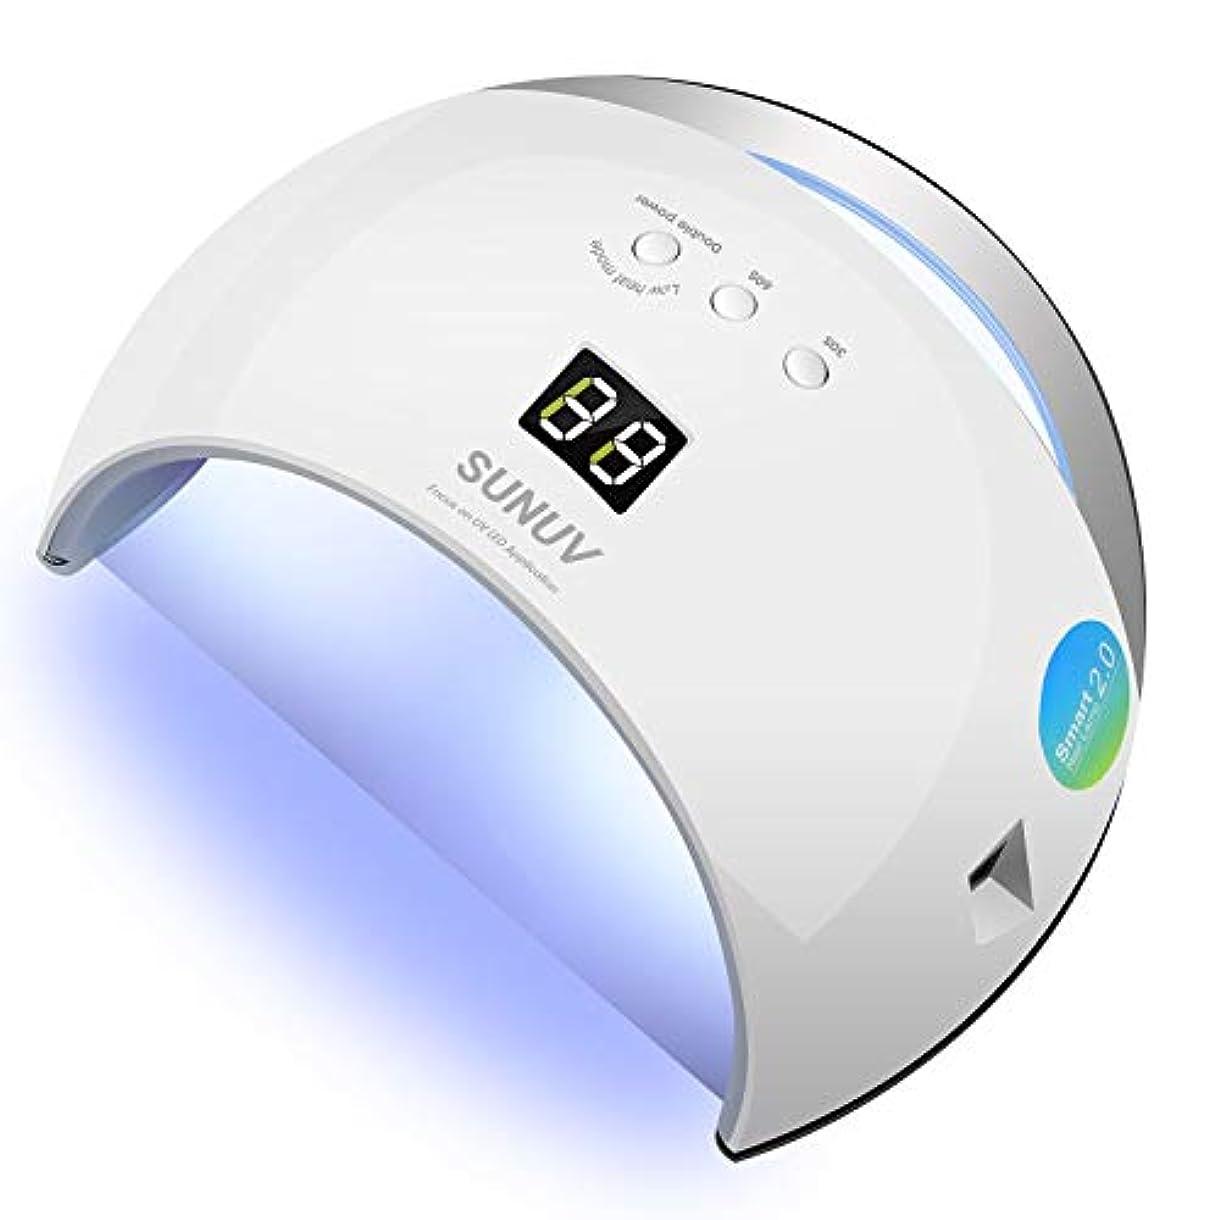 理解する留まる銅NaturalTrend ジェルネイル uv ledライト 最新48W 話題の低ヒートモード搭載 人感センサー (新48W, ライトホワイト)